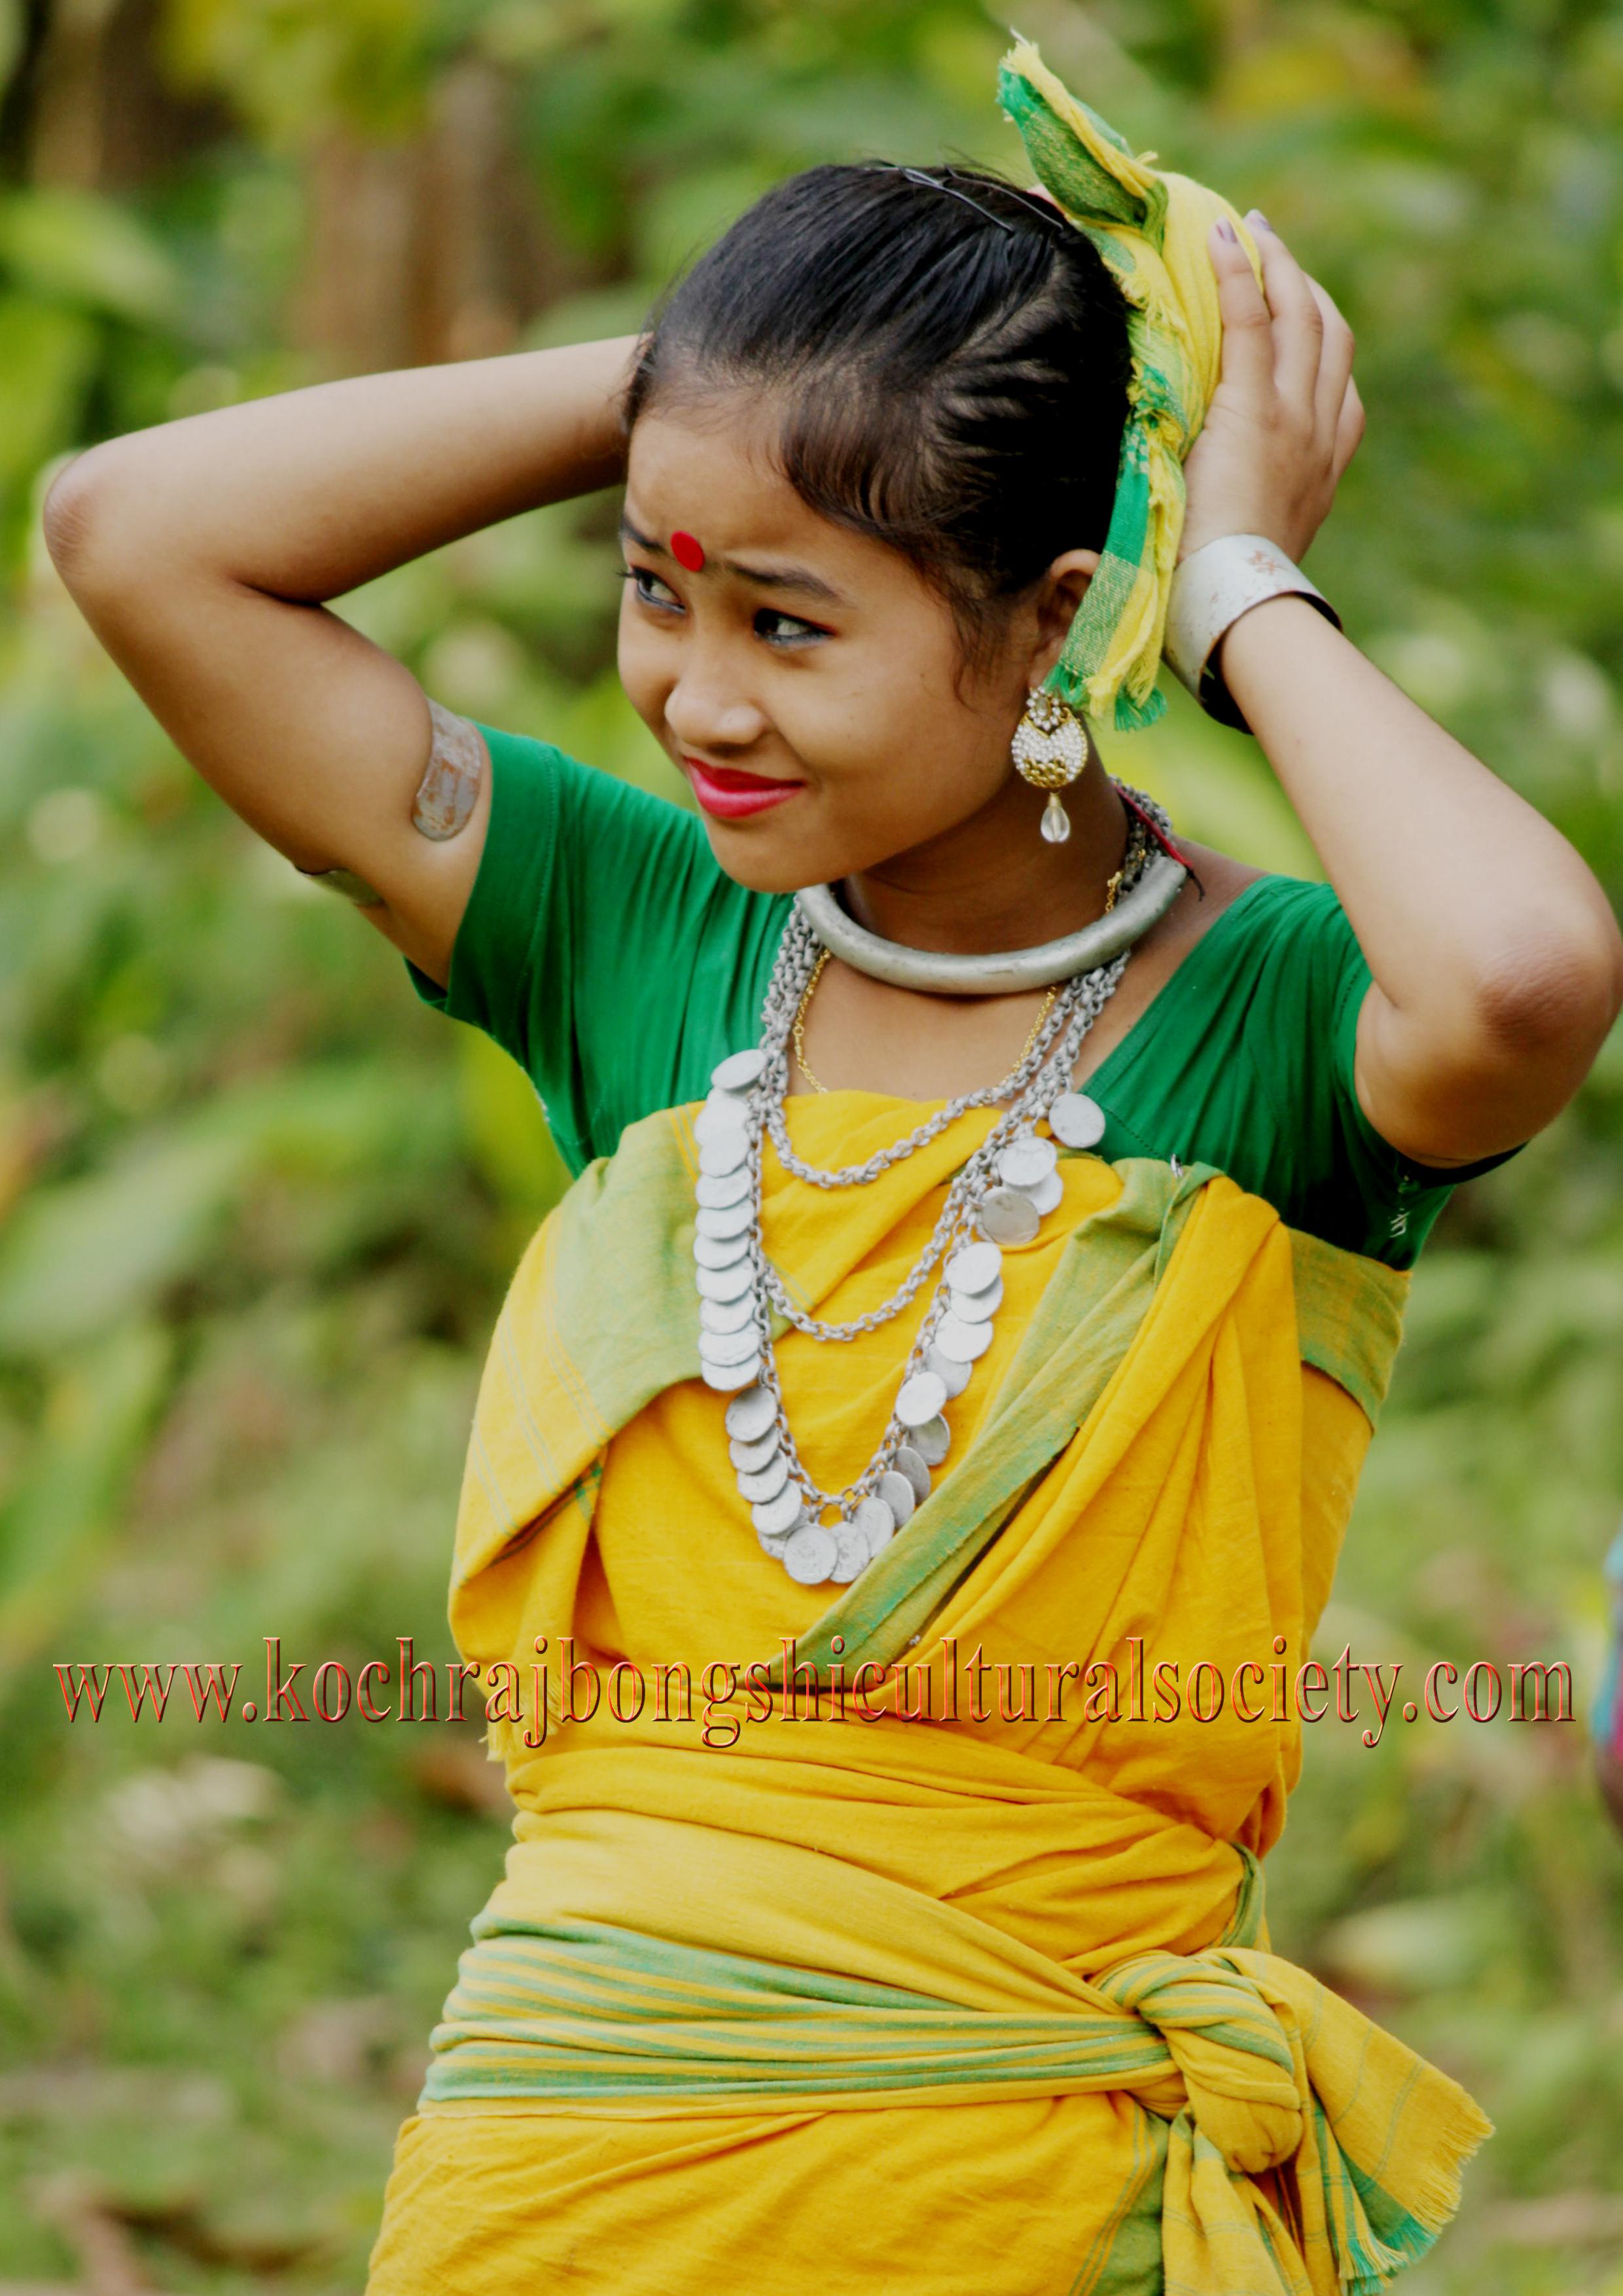 Meghalaya girls